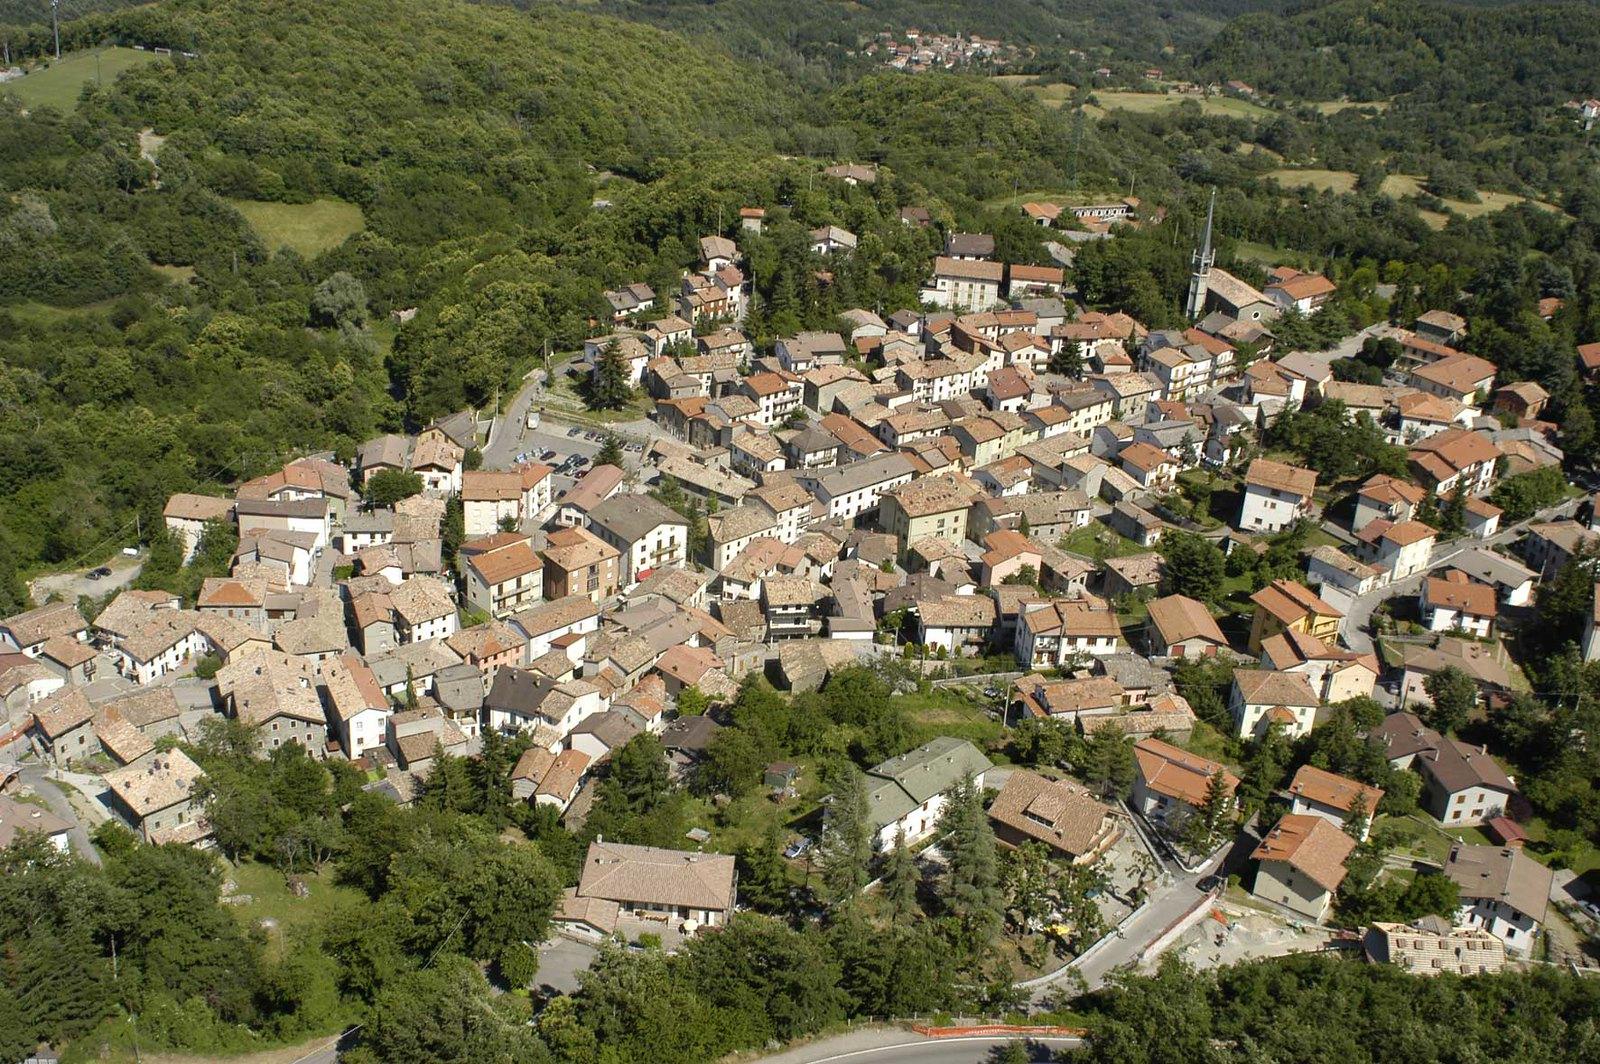 Cervarezza Terme in Reggio Emilia